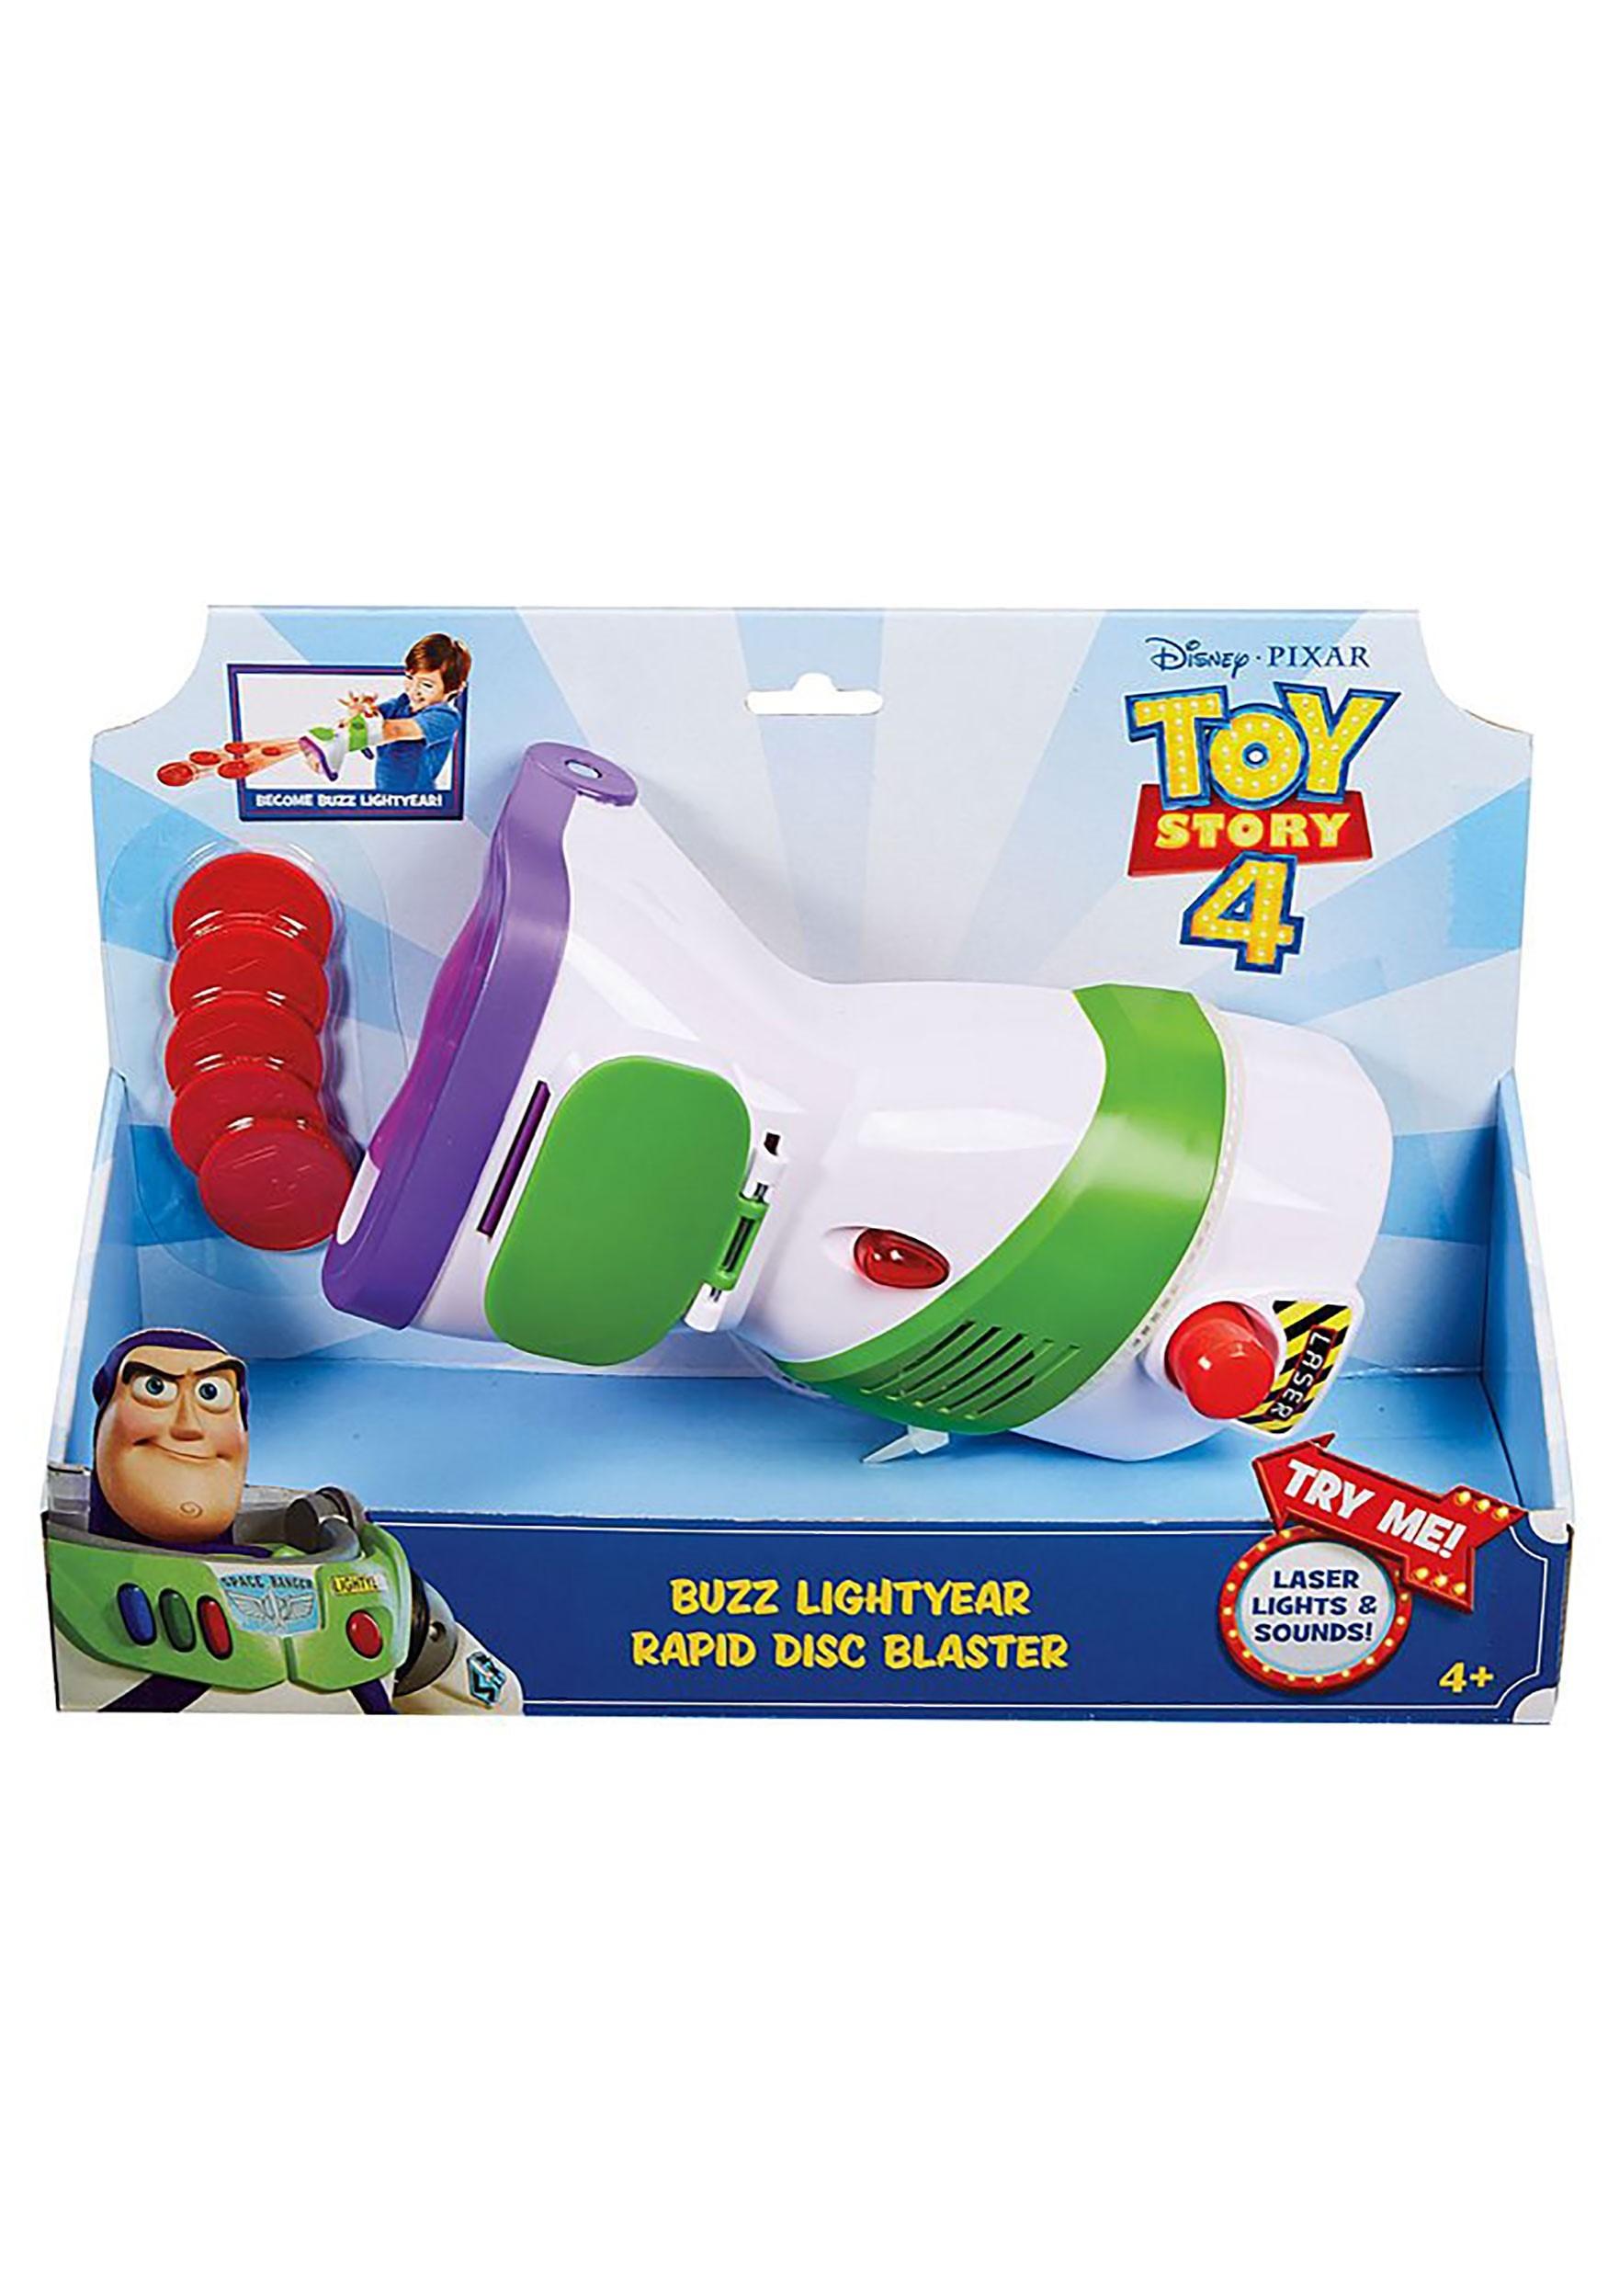 Disc Blaster Toy Story 4 Buzz Lightyear